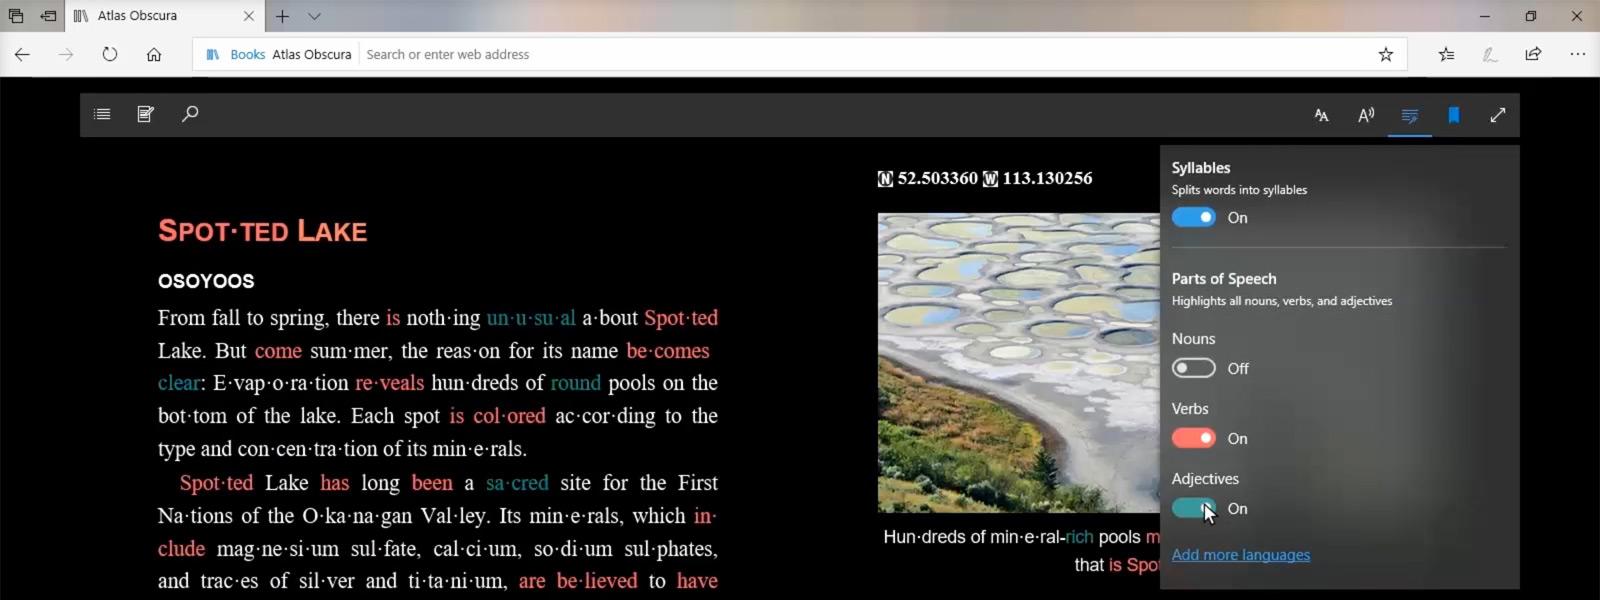 תמונת מסך של פונקציונליות כלי הלימוד, עם שמות עצם, פעלים ותארים מודגשים בדף אינטרנט